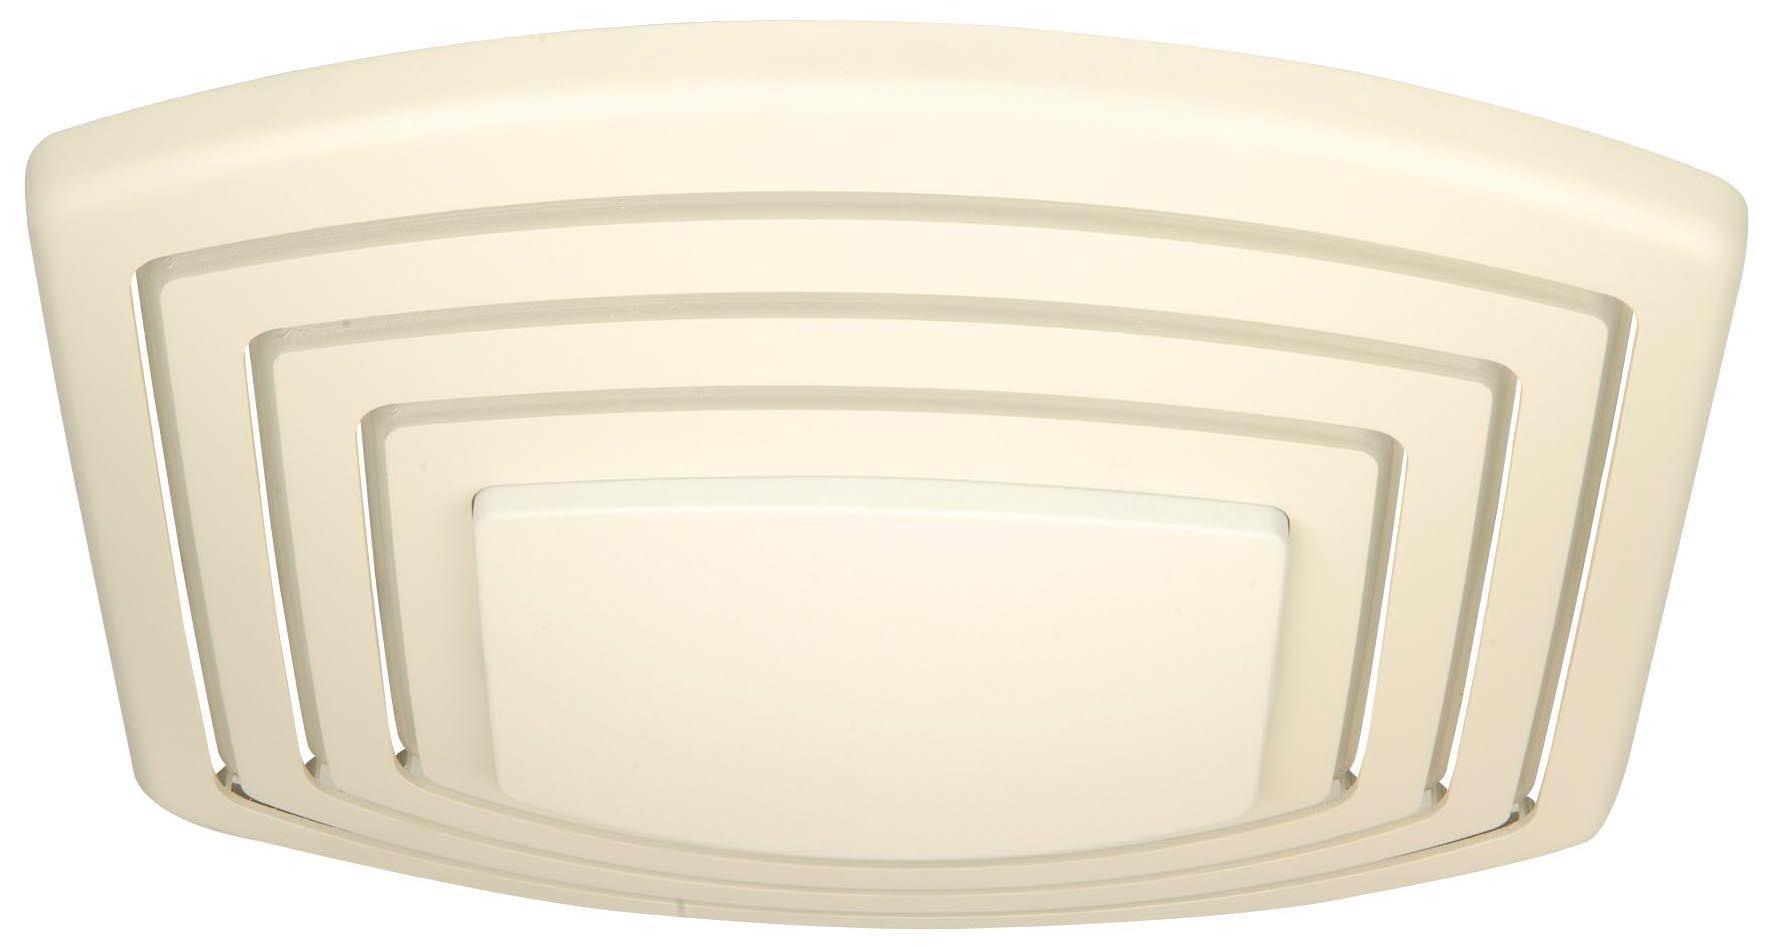 Craftmade TFV110SL 110 CFM Silent Fan Light, Designer White